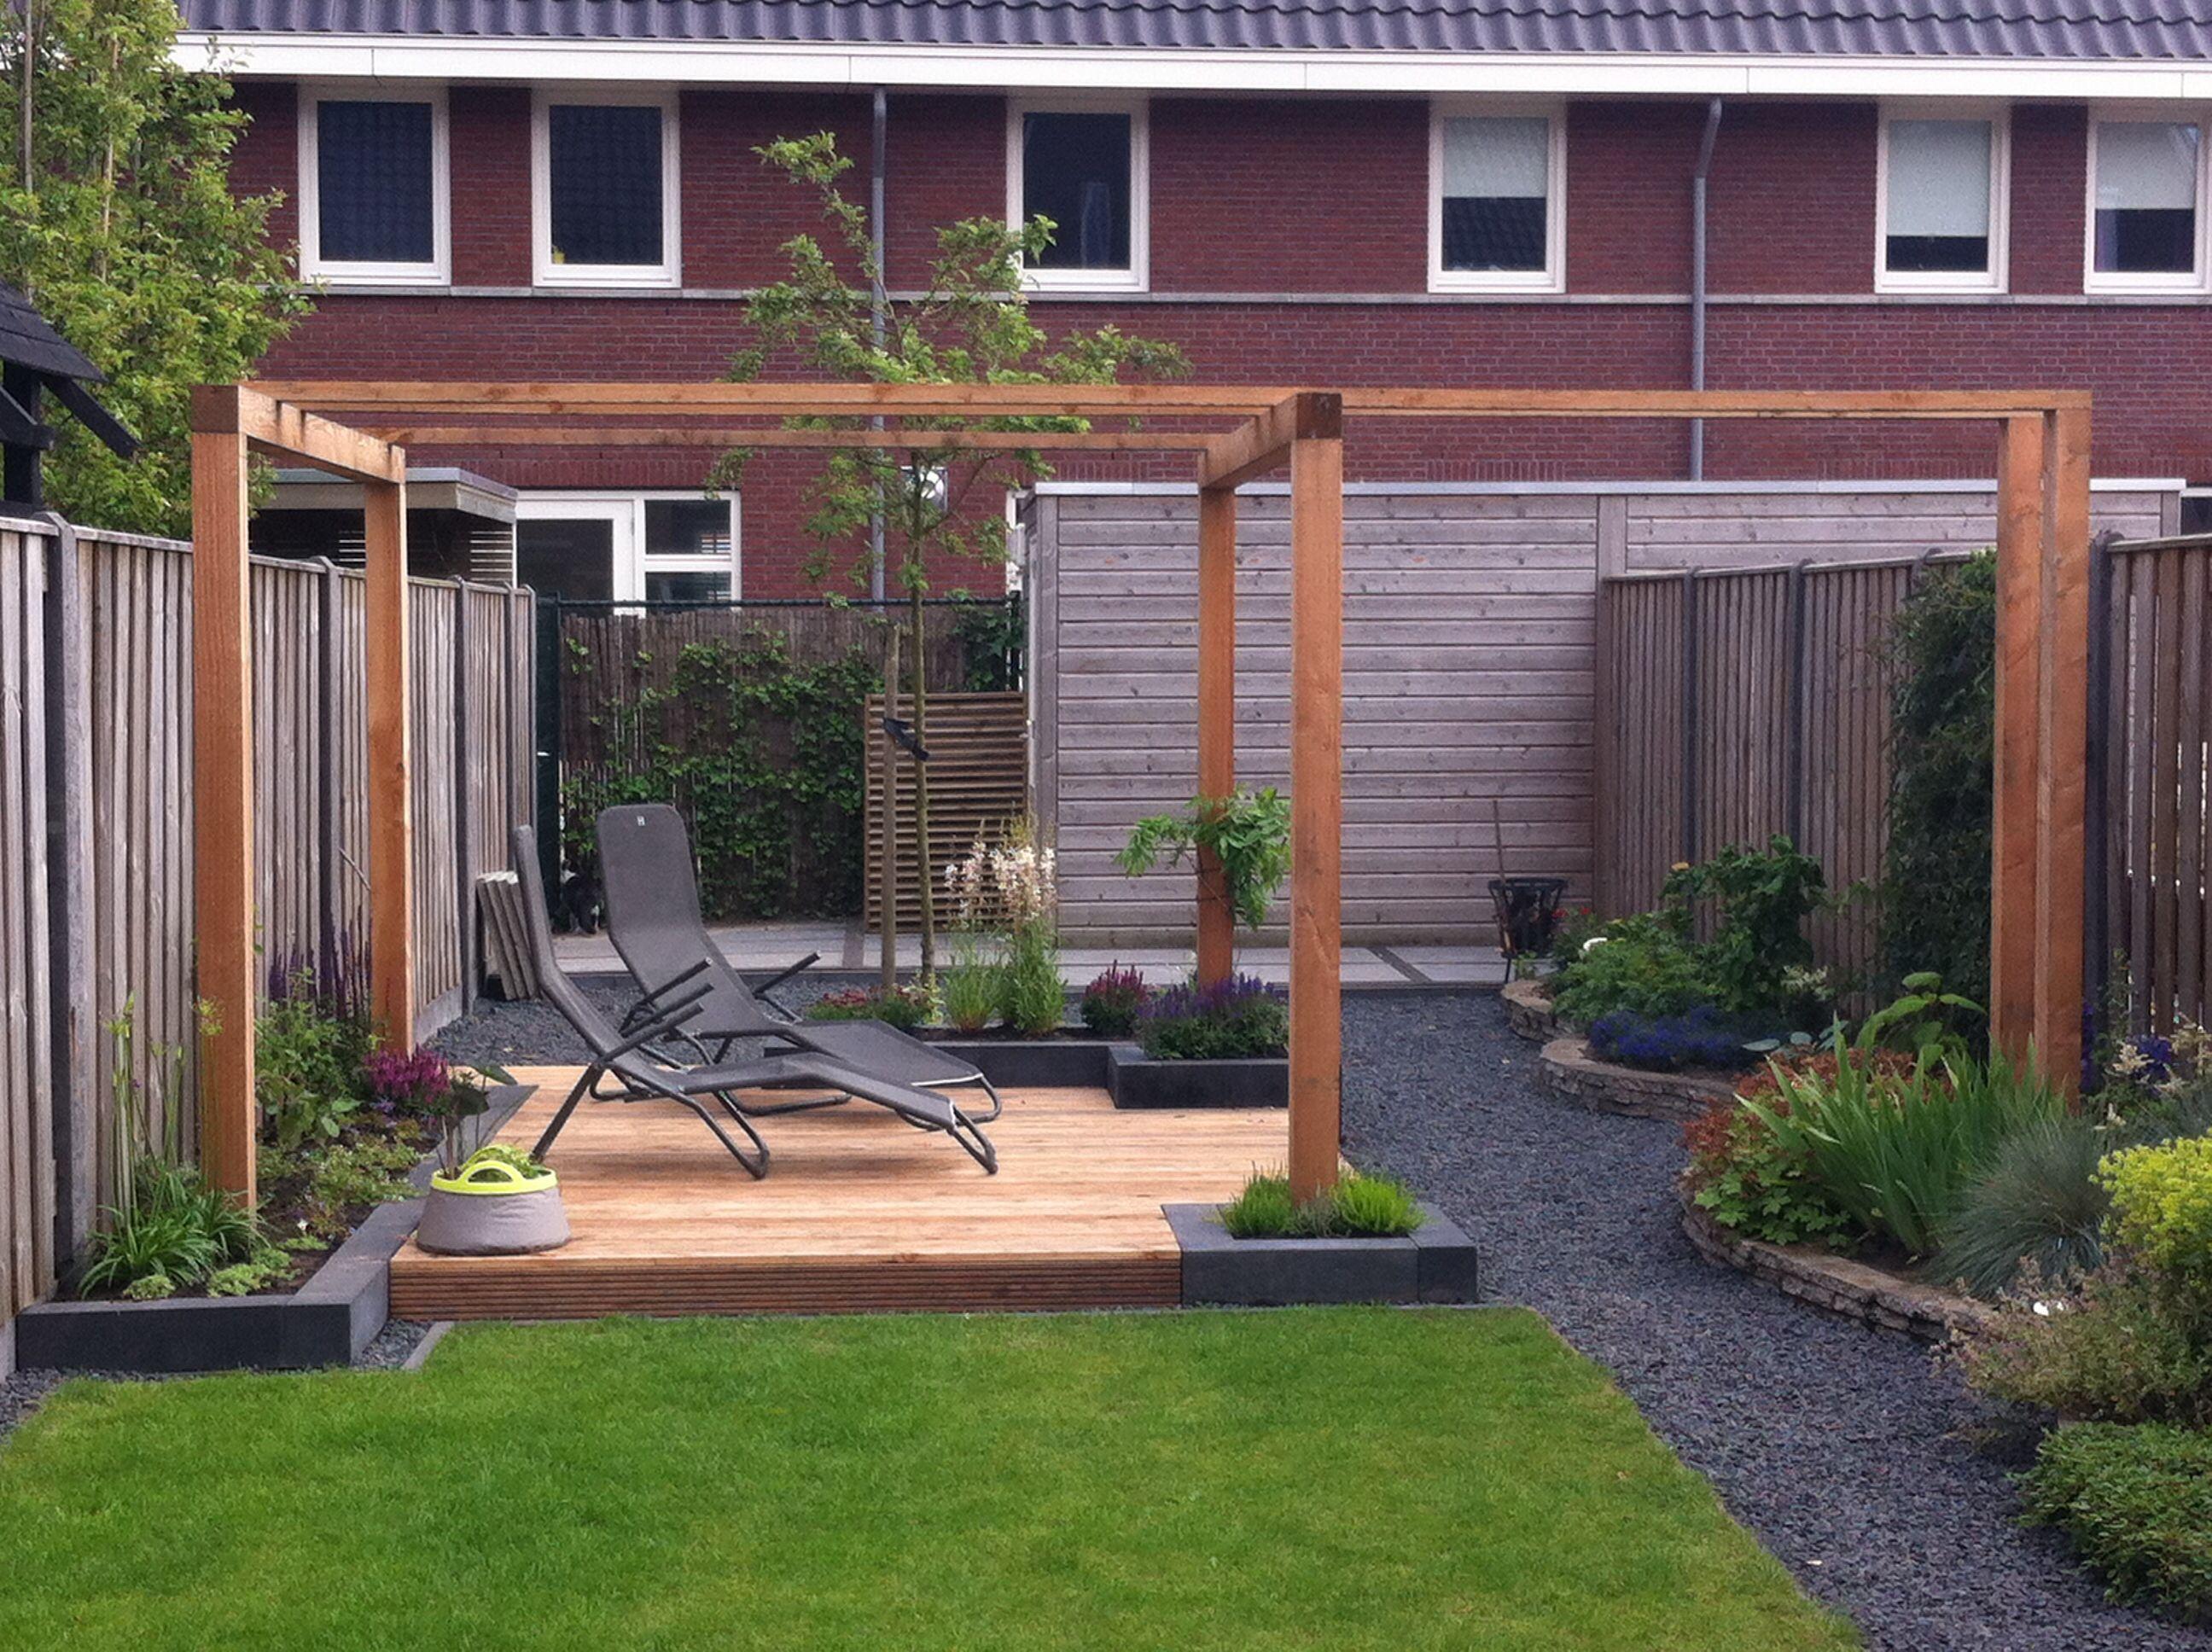 Moderne pergola voor in de tuin tuin pinterest tuin terras en voor het huis - Pergolas ijzeren smeden voor terras ...